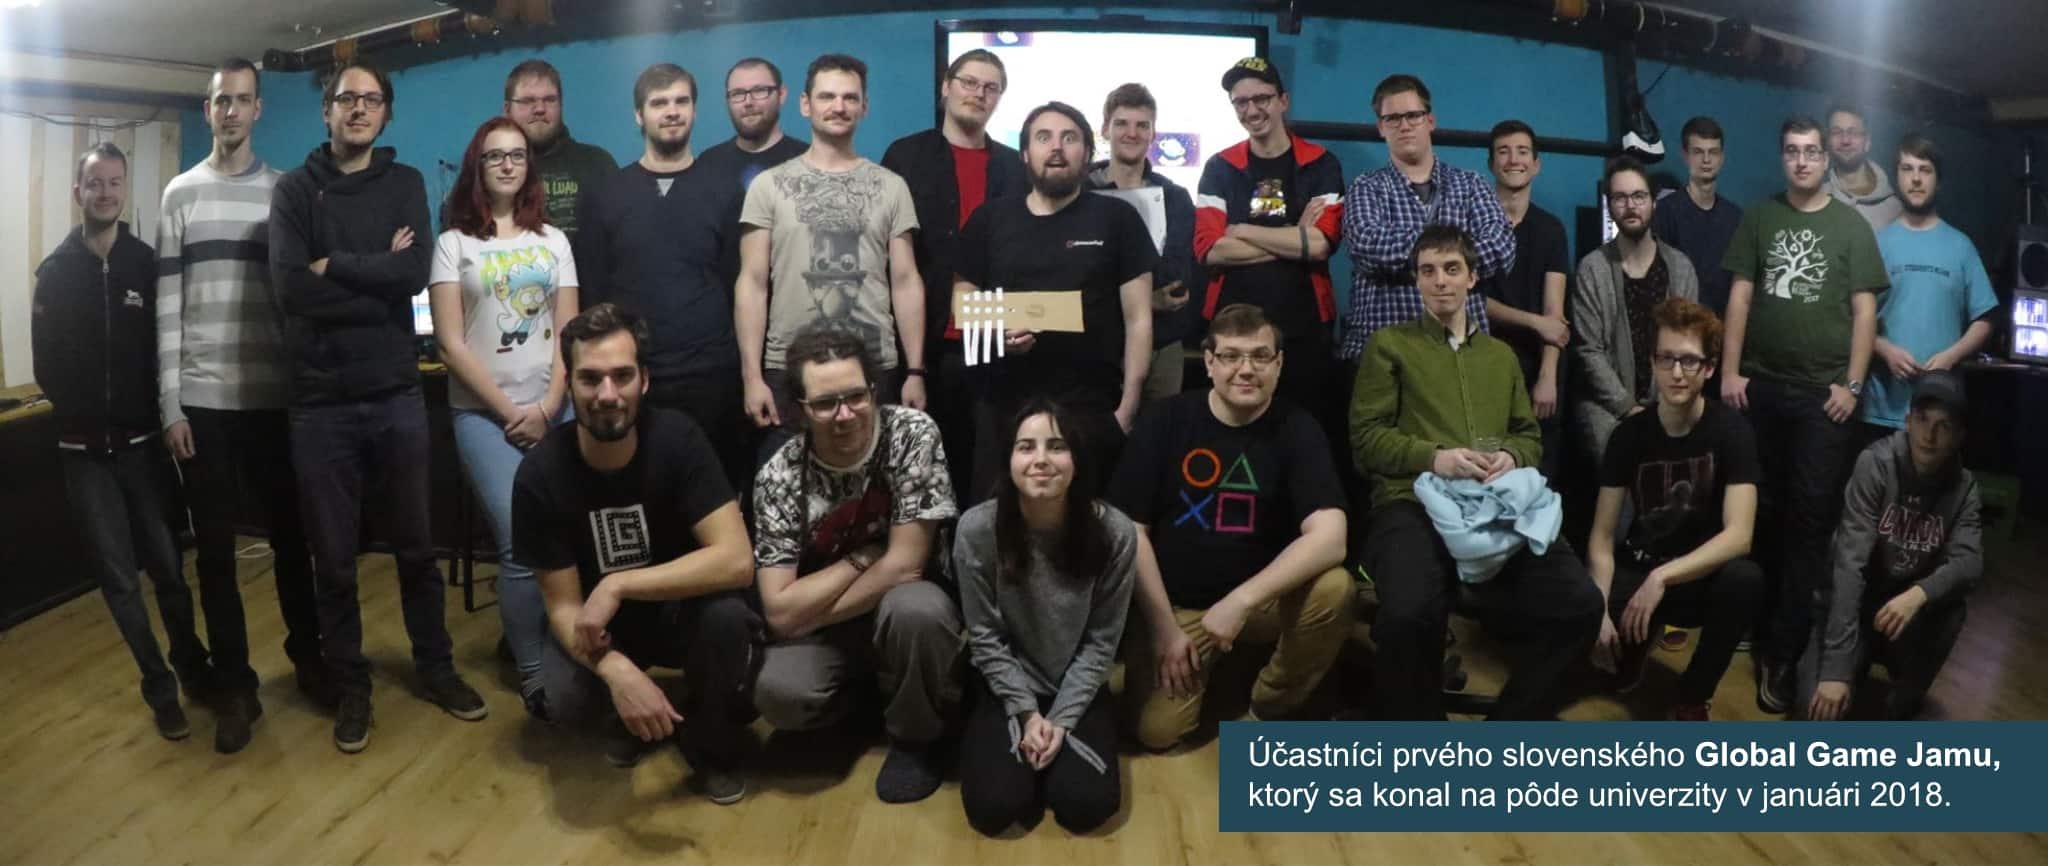 Účastníci prvého slovenského Global Game Jamu,ktorý sa konal na pôde univerzity v januári 2018.